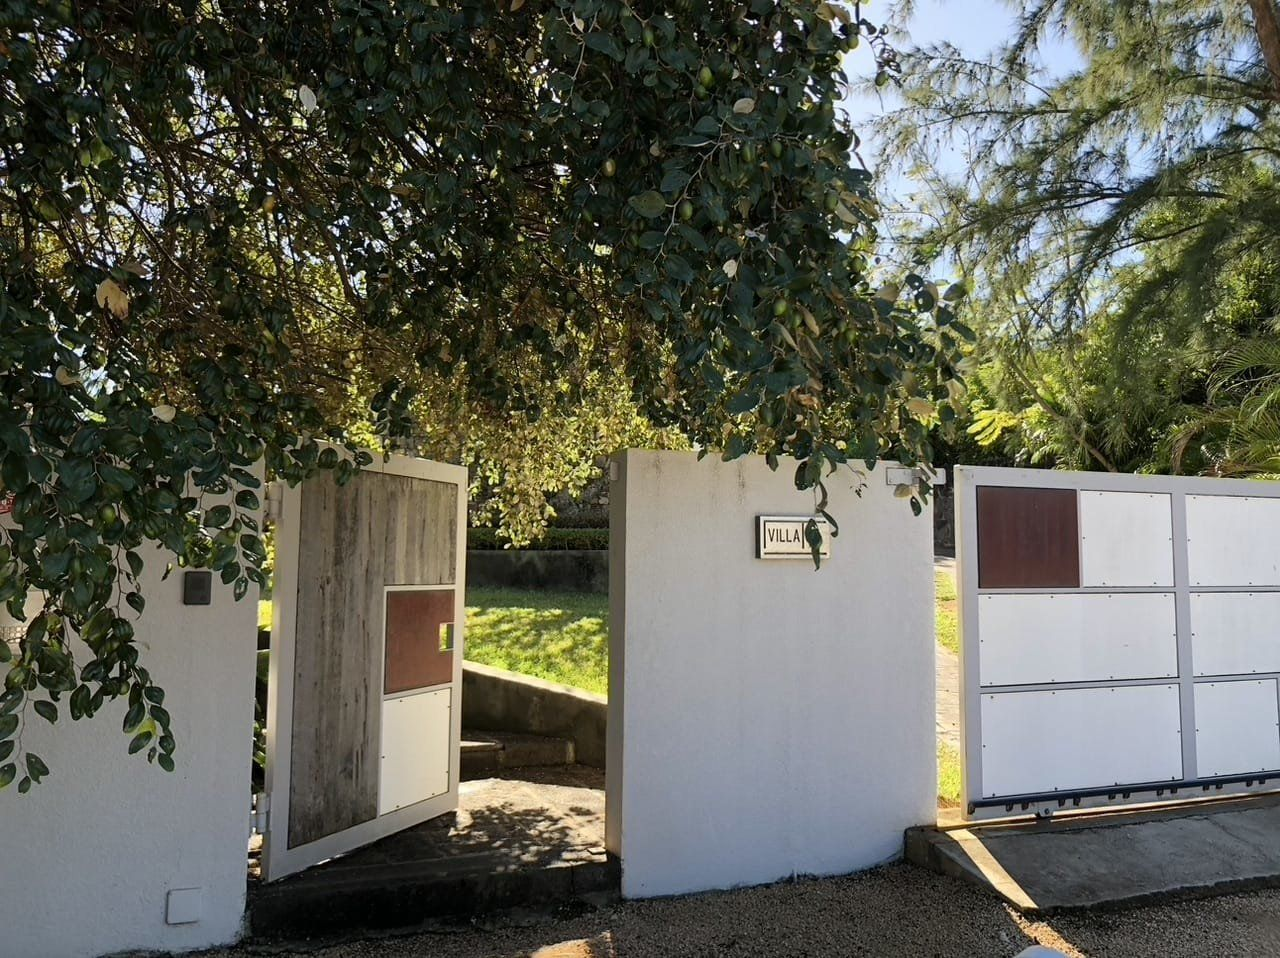 Maison à vendre 5 3657.57m2 à Ile Maurice vignette-23